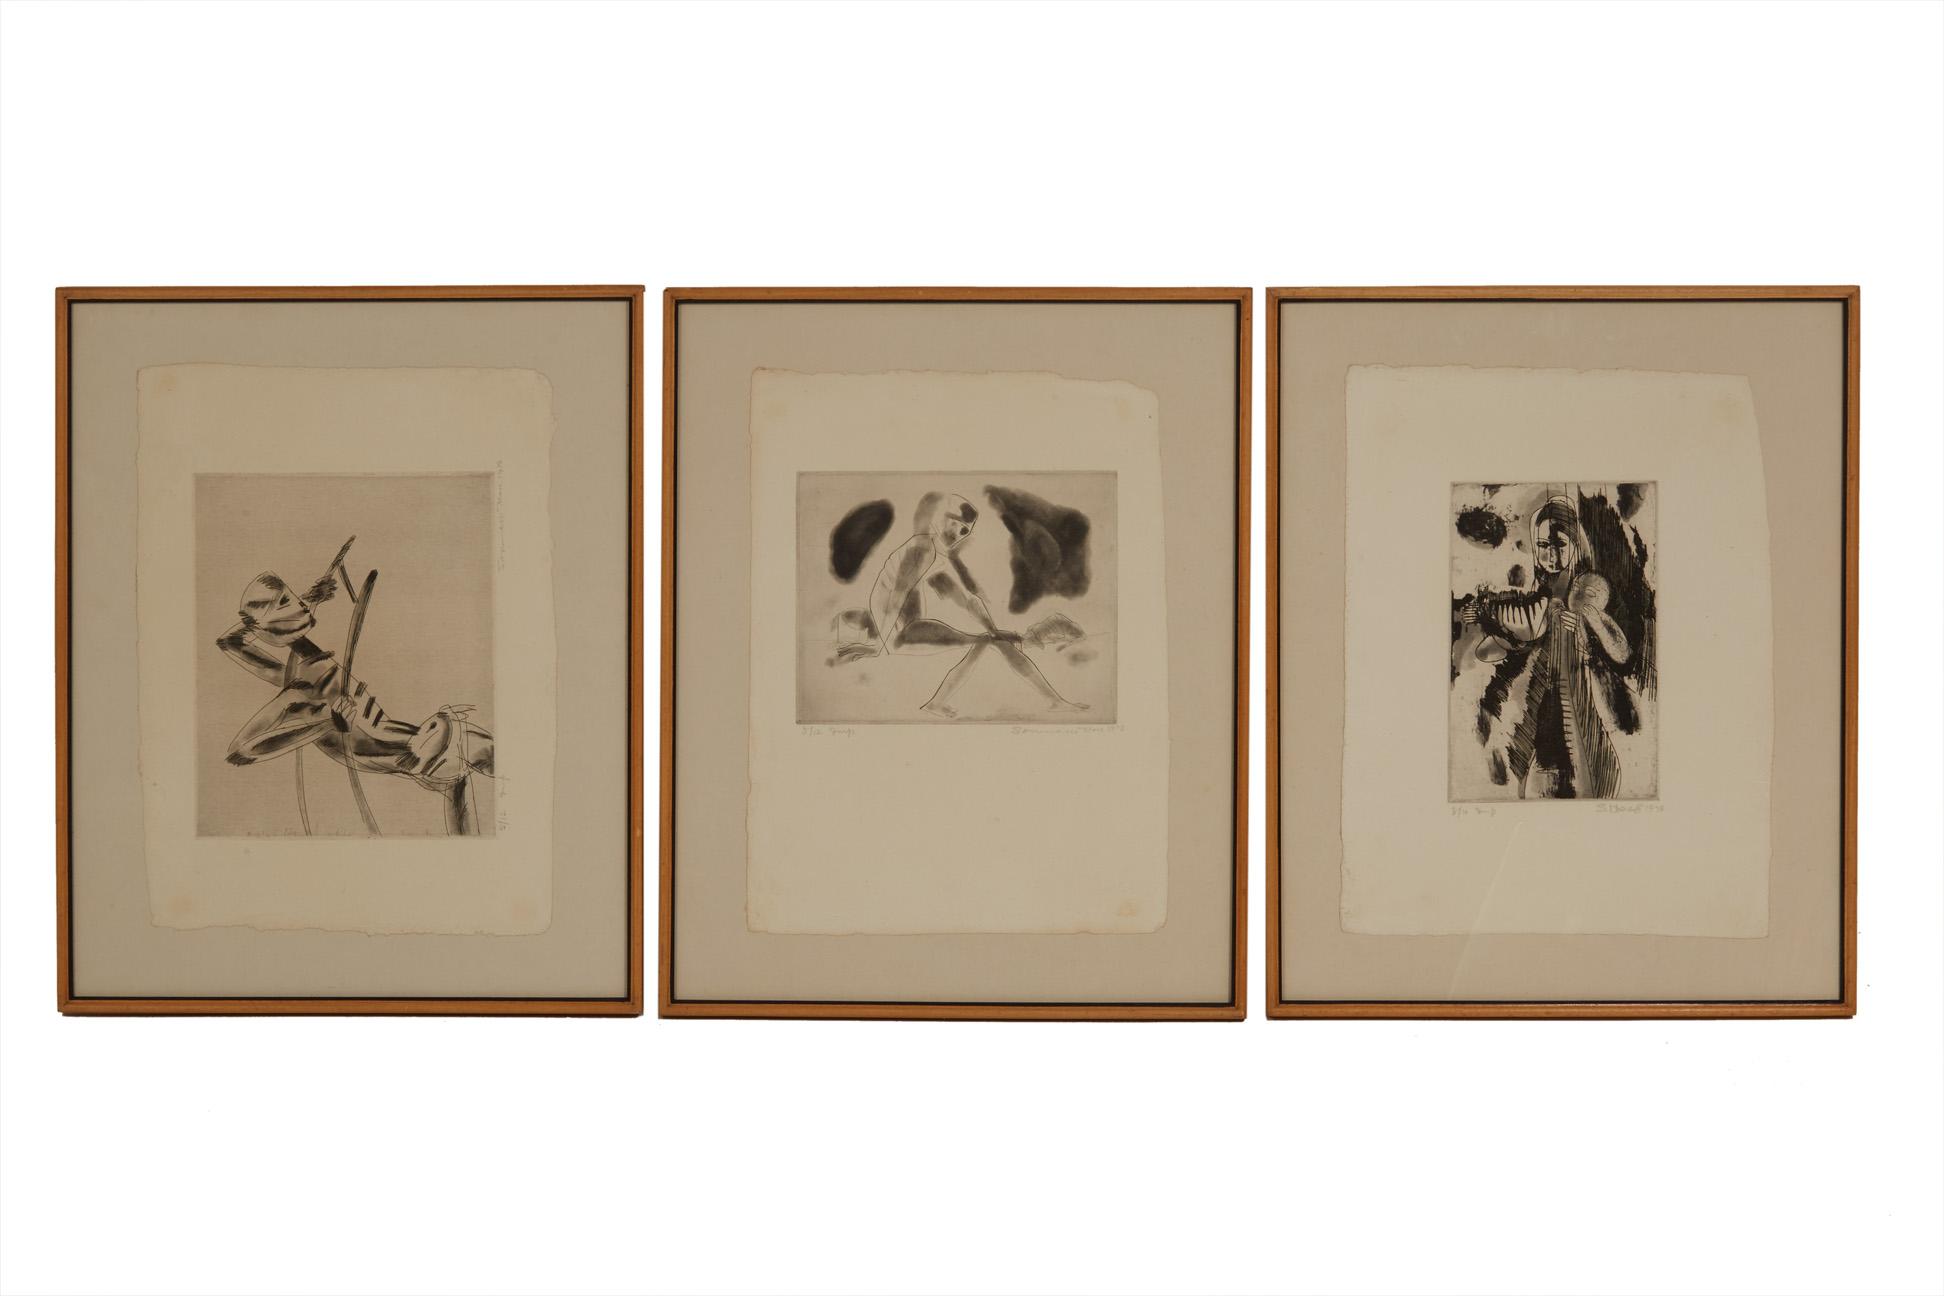 SOMNATH HORE (INDIAN, 1921-2006) - UNTITLED - Image 2 of 5